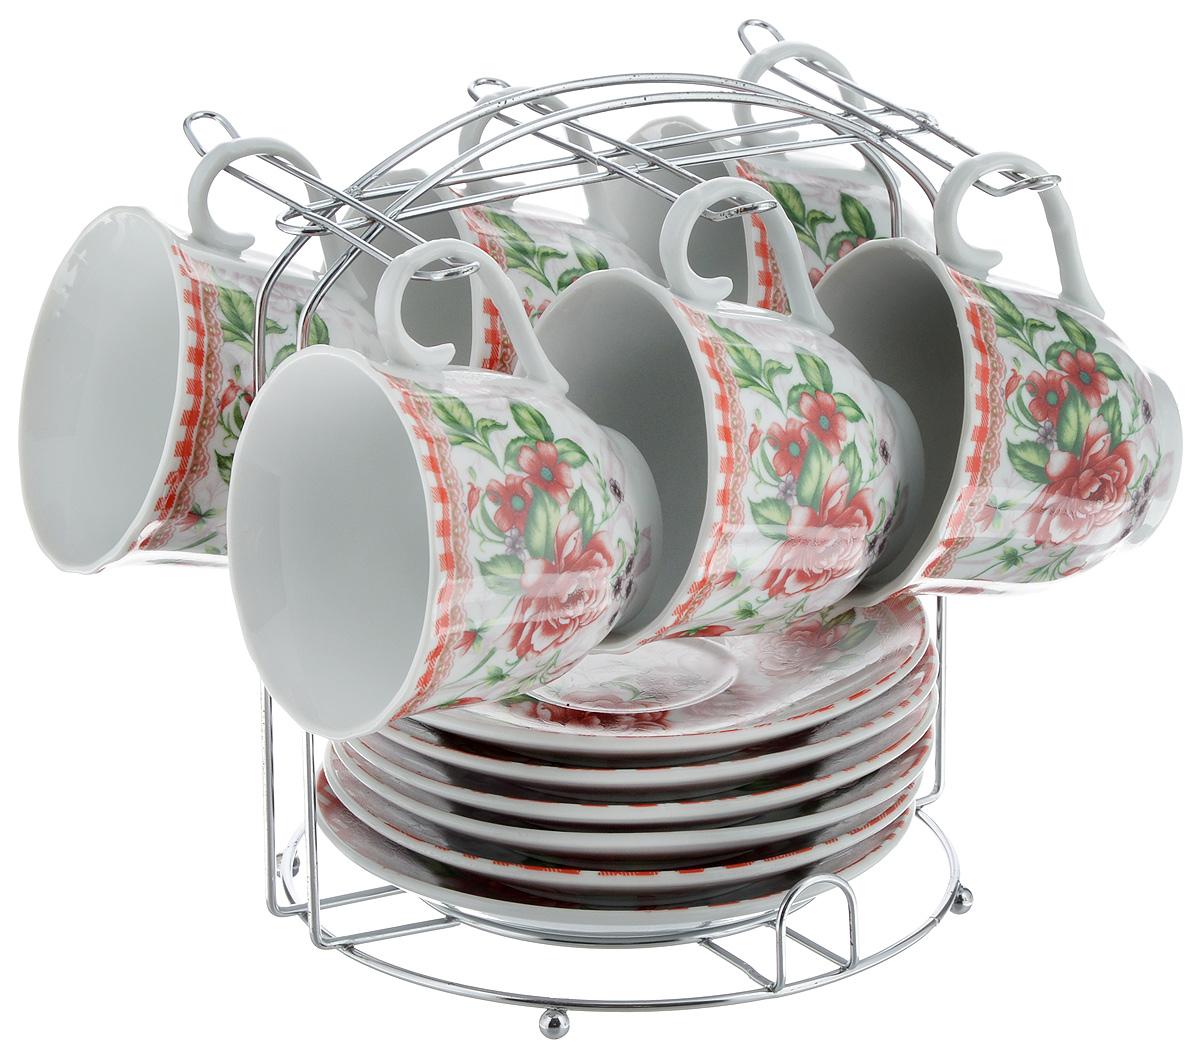 Набор чайный Bella, 13 предметов. DL-F6MS-192DL-F6MS-192Набор Bella состоит из 6 чашек и 6 блюдец, изготовленных из высококачественного фарфора. Чашки оформлены красочным рисунком. Изделия расположены на металлической подставке. Такой набор подходит для подачи чая или кофе. Изящный дизайн придется по вкусу и ценителям классики, и тем, кто предпочитает современный стиль. Он настроит на позитивный лад и подарит хорошее настроение с самого утра. Чайный набор Bella - идеальный и необходимый подарок для вашего дома и для ваших друзей в праздники. Объем чашки: 220 мл. Диаметр чашки (по верхнему краю): 8 см. Высота чашки: 7 см. Диаметр блюдца: 14 см. Высота блюдца: 2,3 см. Размер подставки: 17 х 16,5 х 19 см.